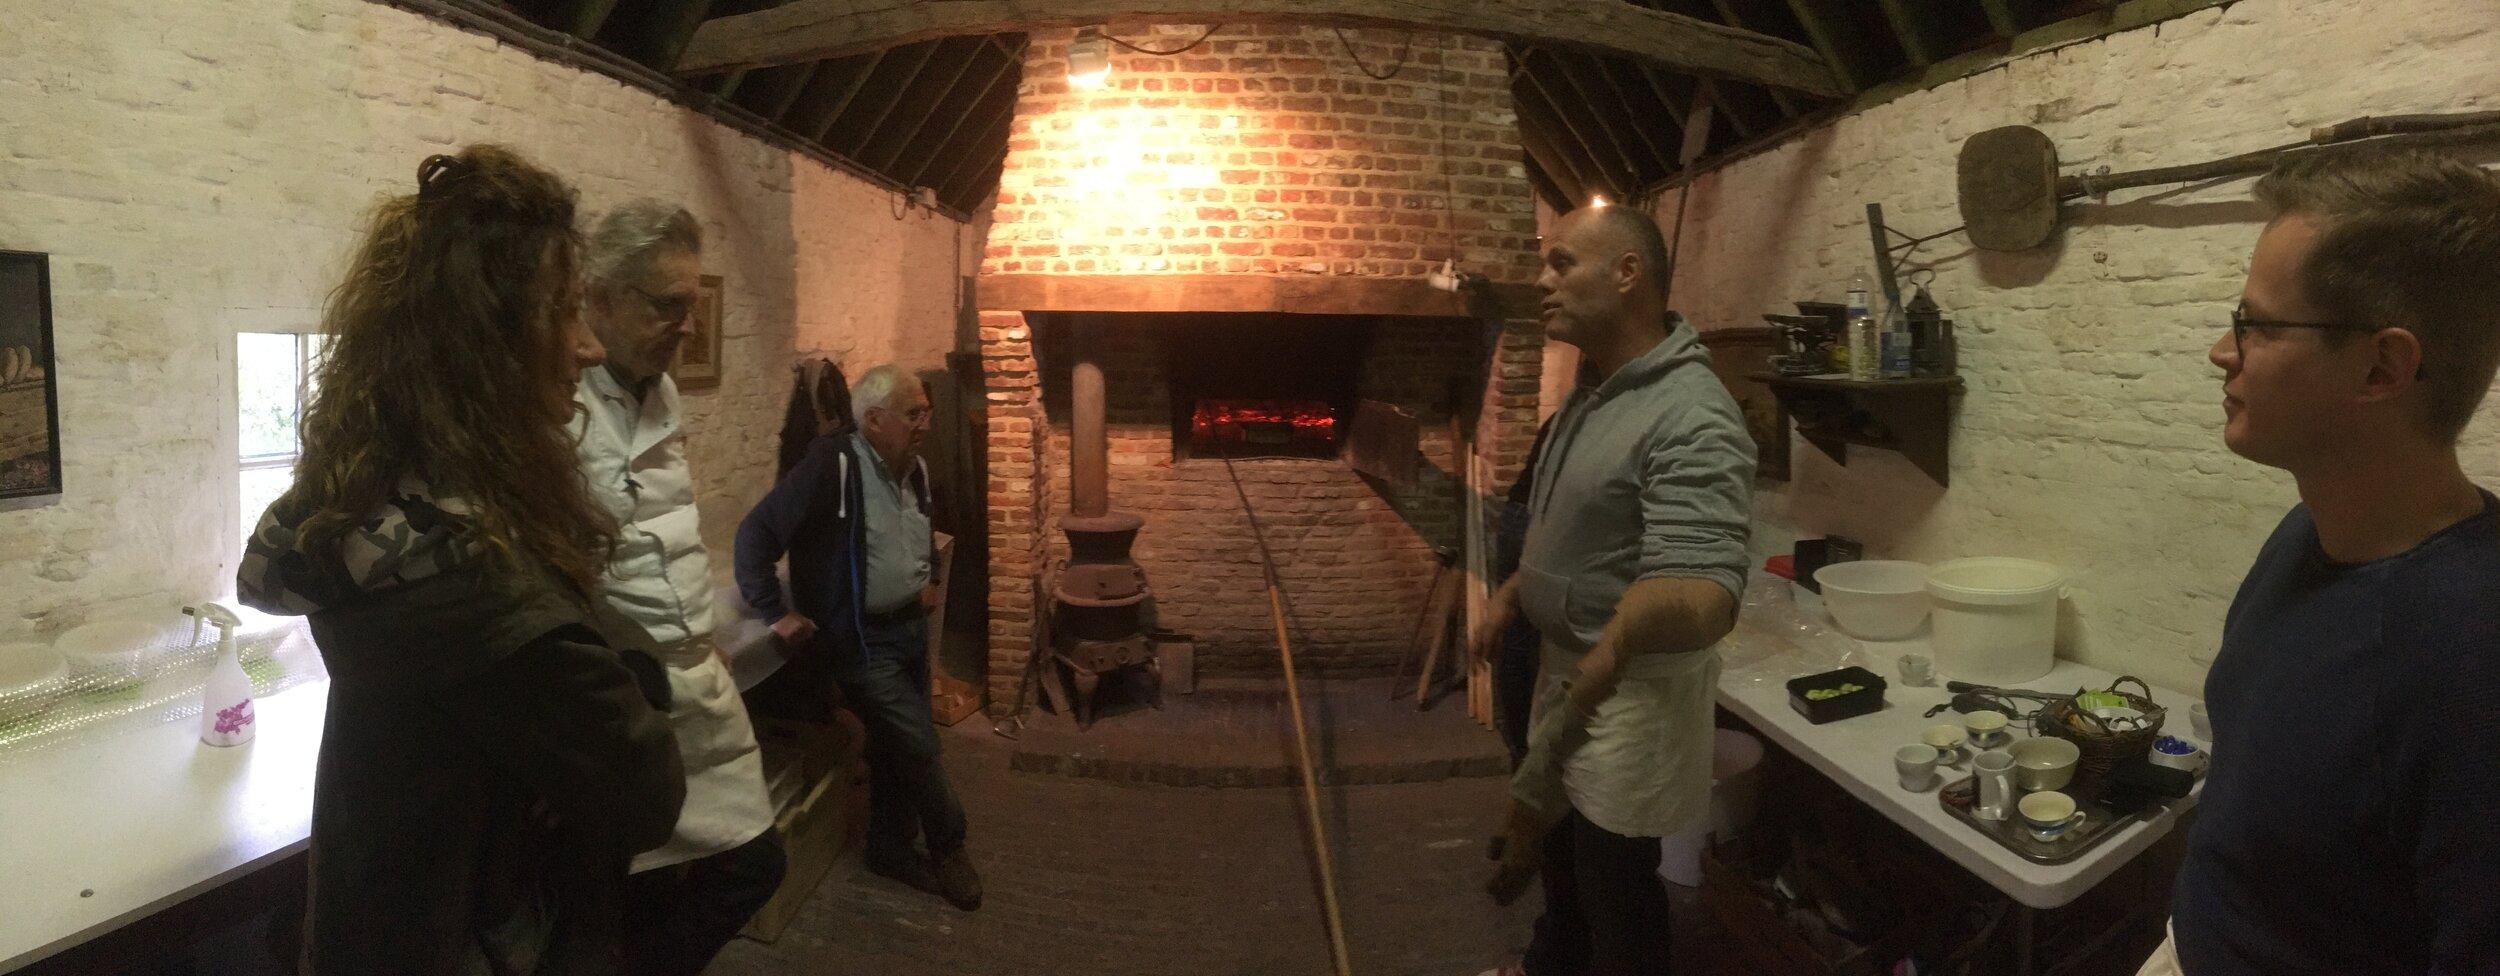 Het bakhuis in't Grom in Sint Katelijne Waver